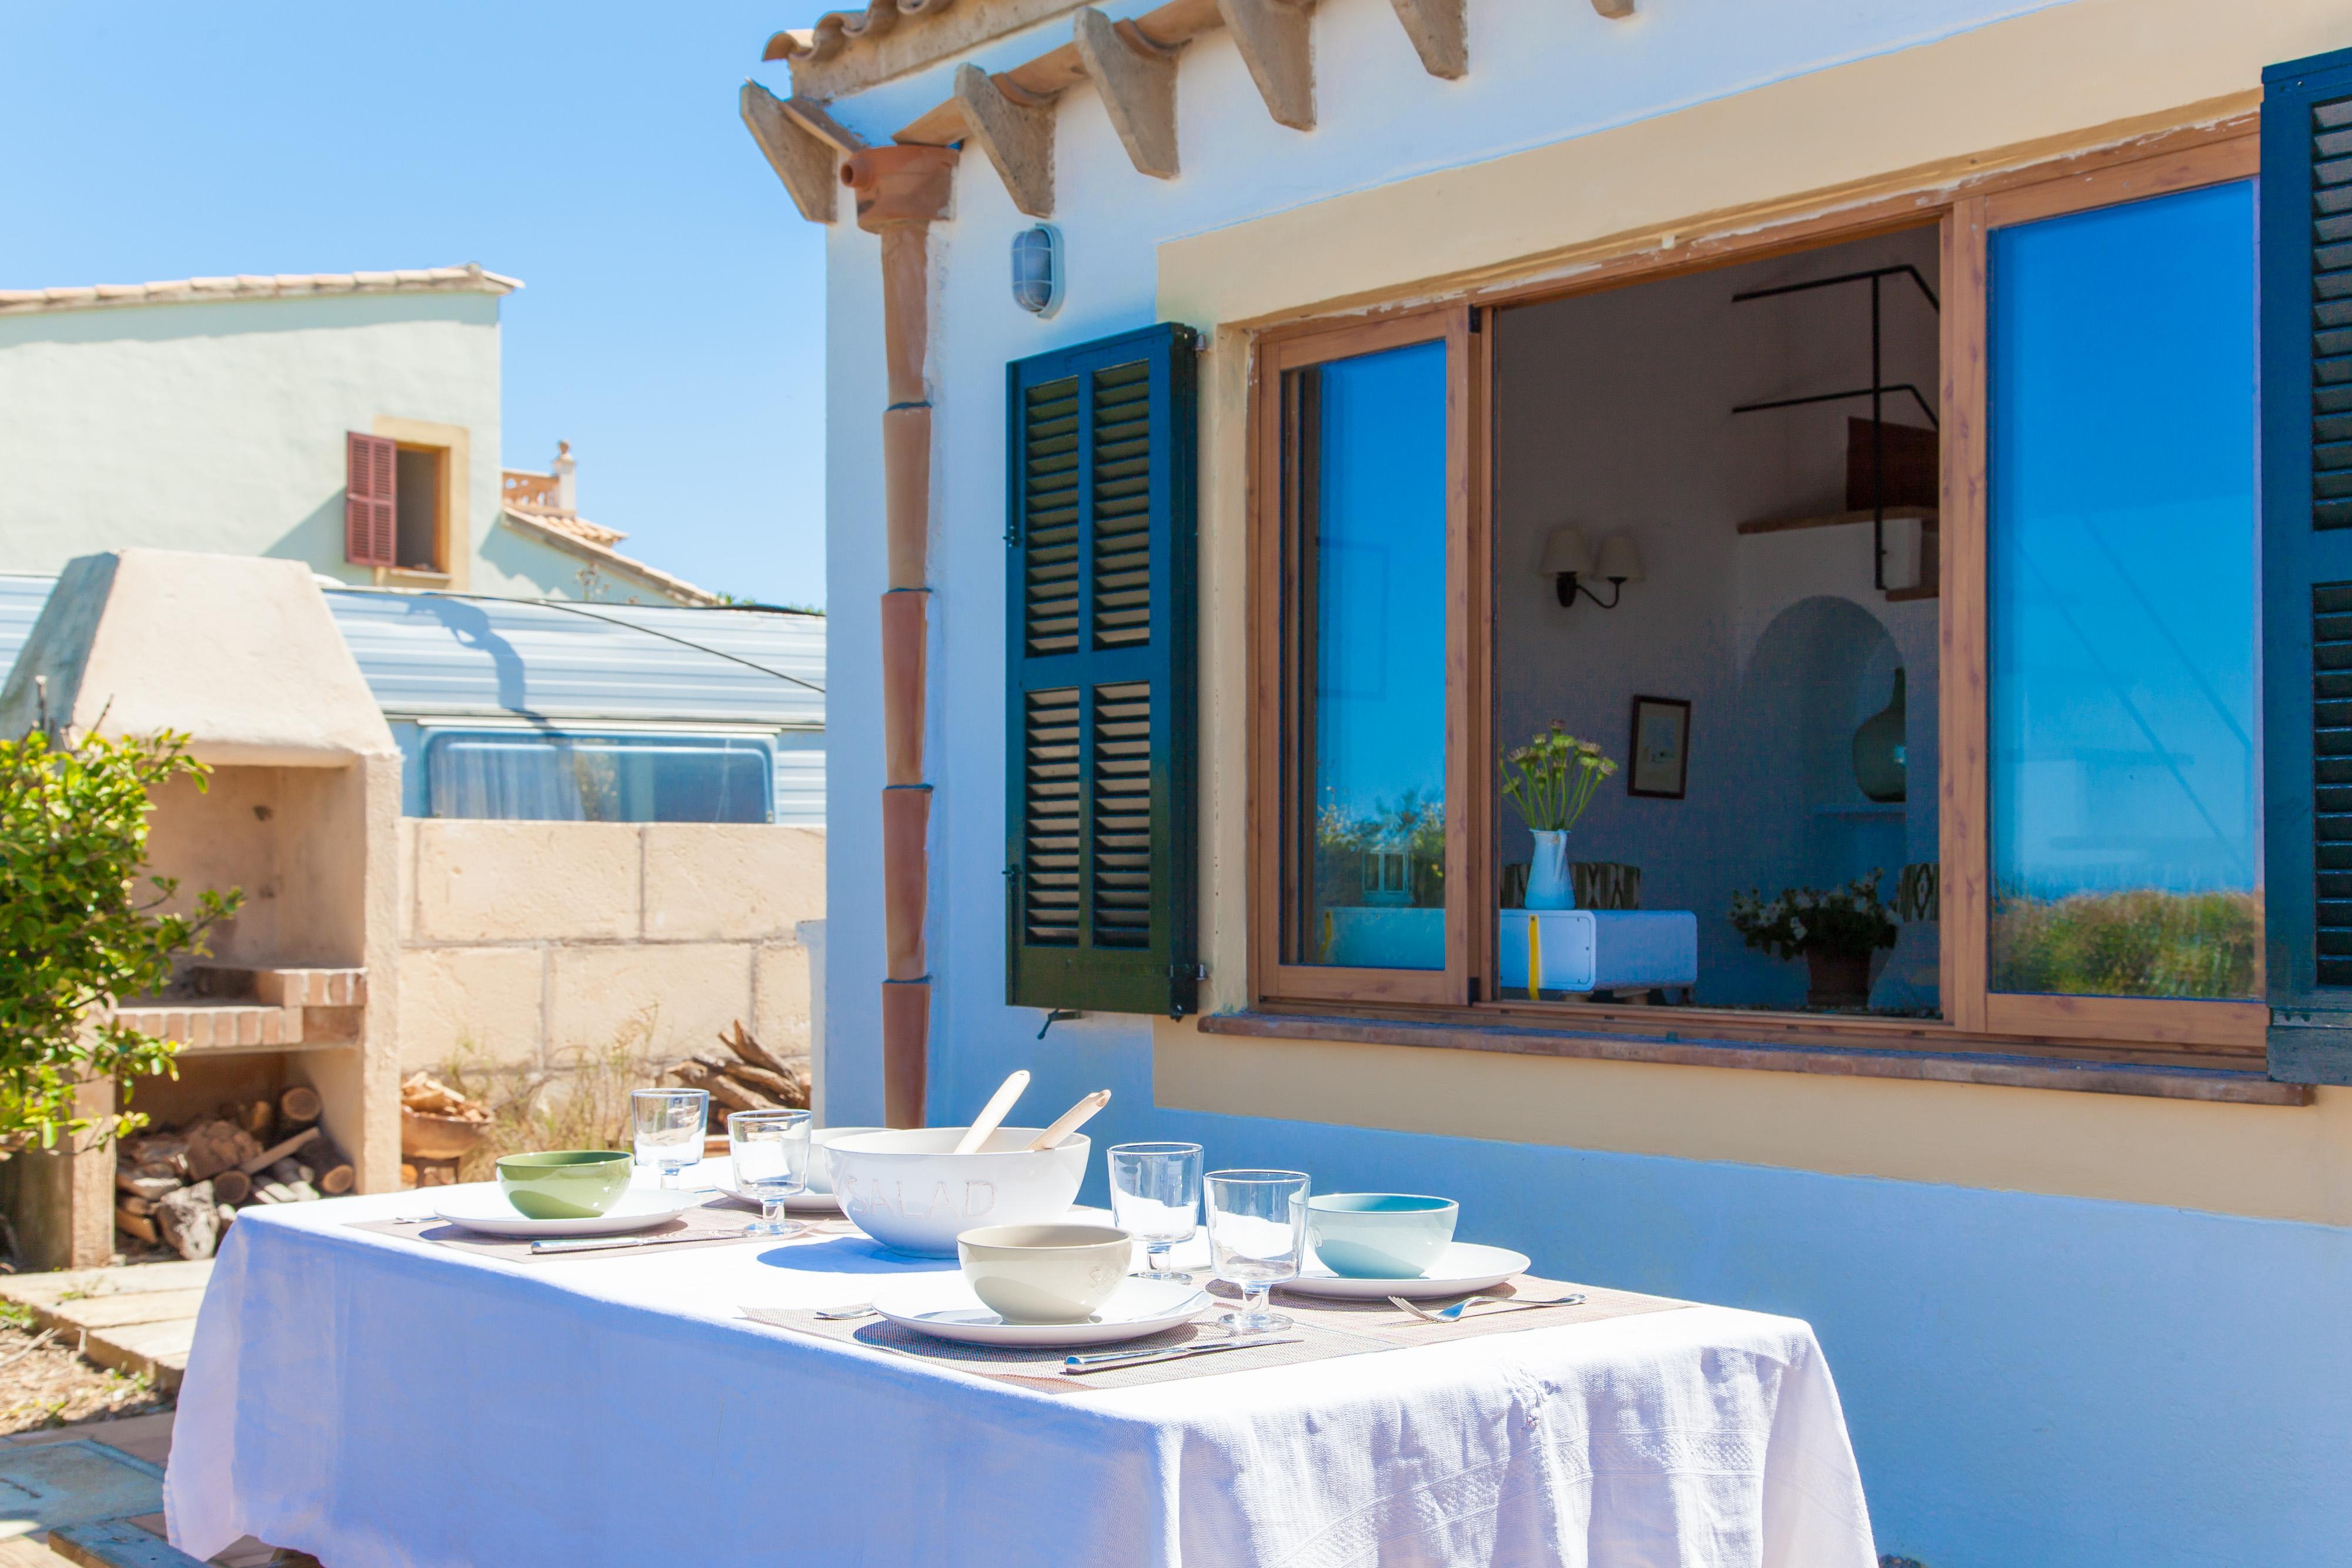 Ferienhaus SA BARQUETA (2177991), Colonia de Sant Pere, Mallorca, Balearische Inseln, Spanien, Bild 4